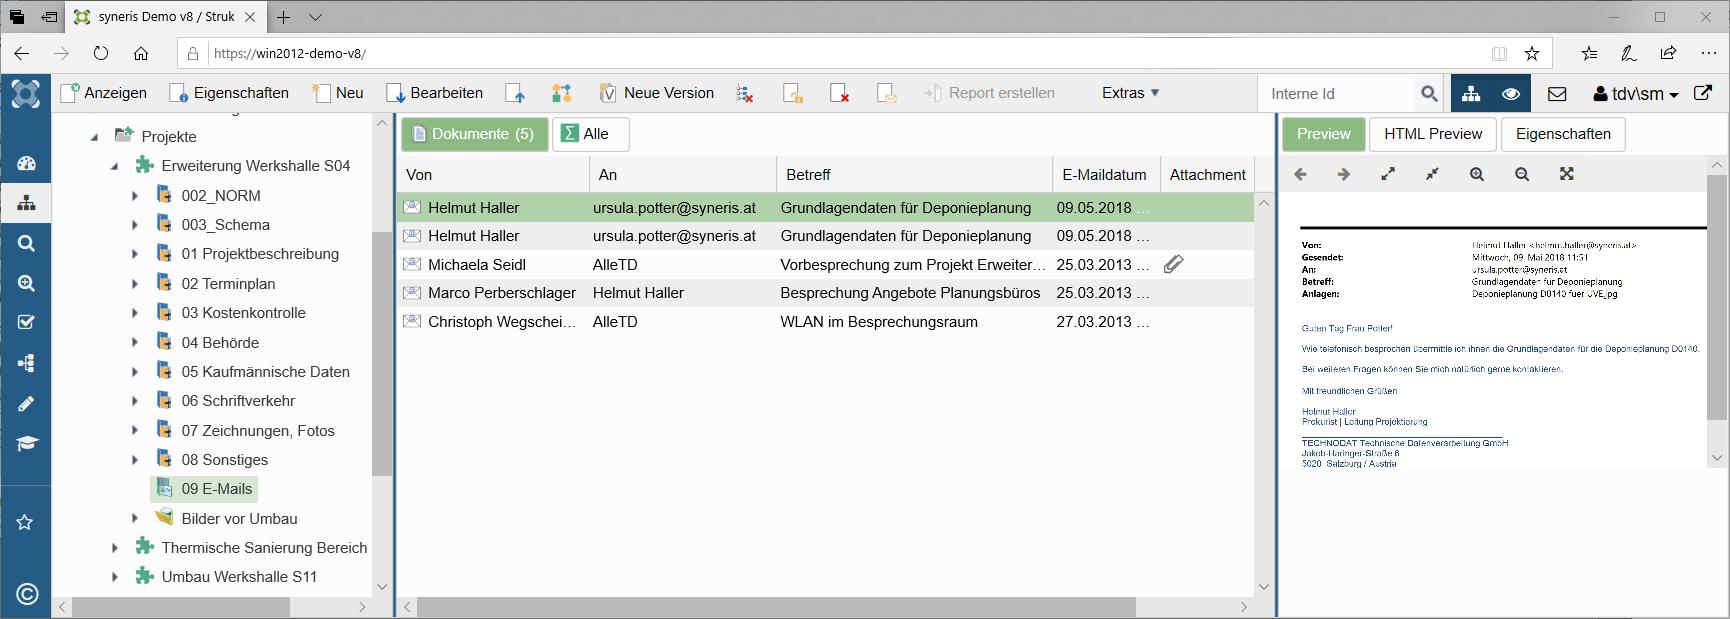 syneris E-Mailverwaltung